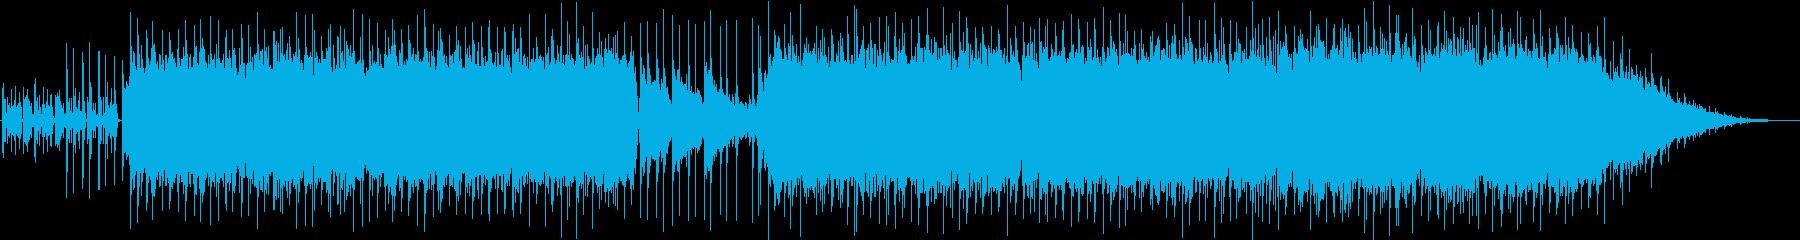 Lo-Fi Hiphop 甘いギターの再生済みの波形